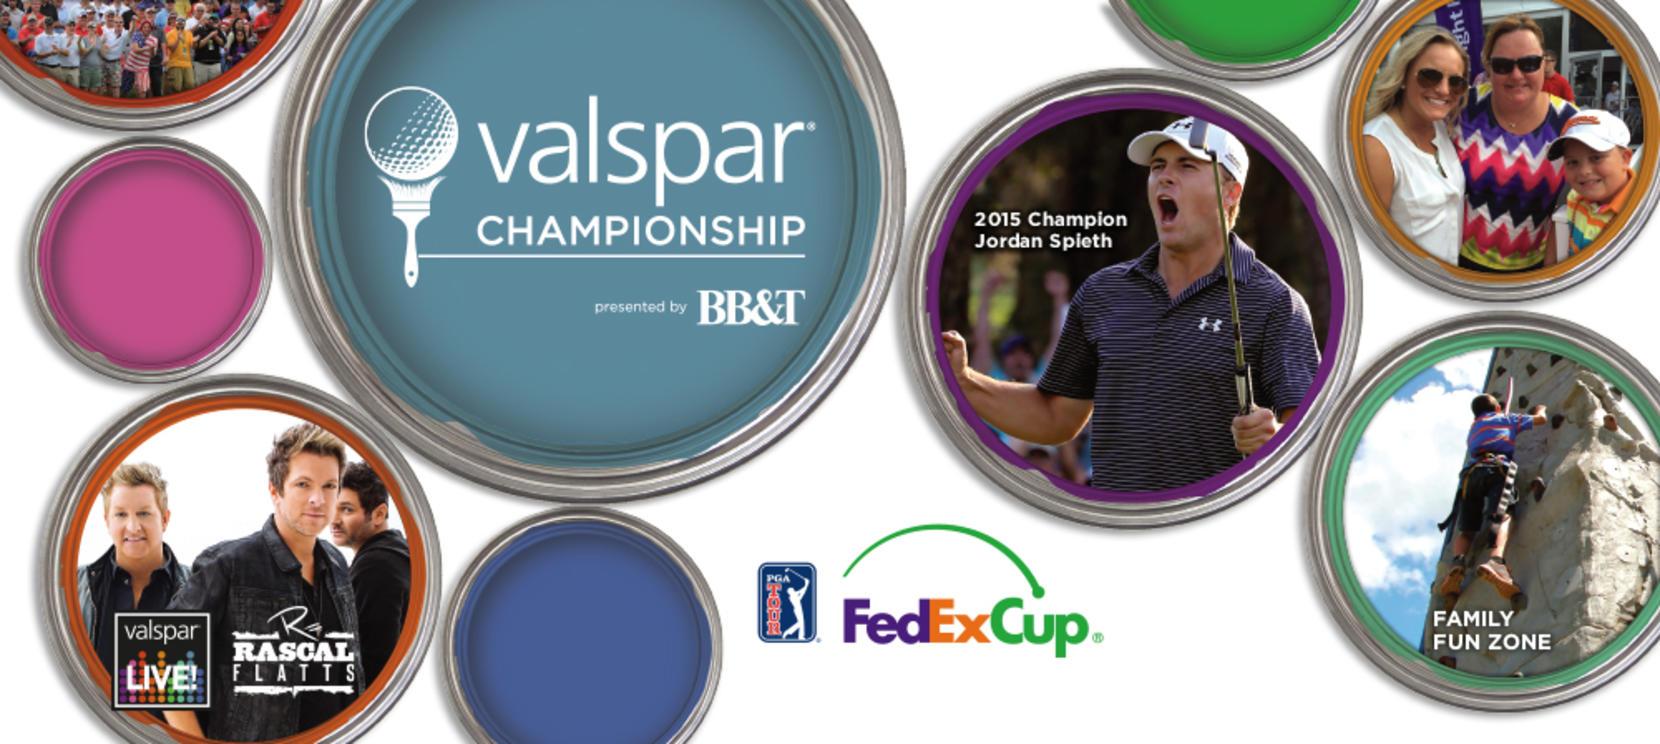 2016 Valspar Championship